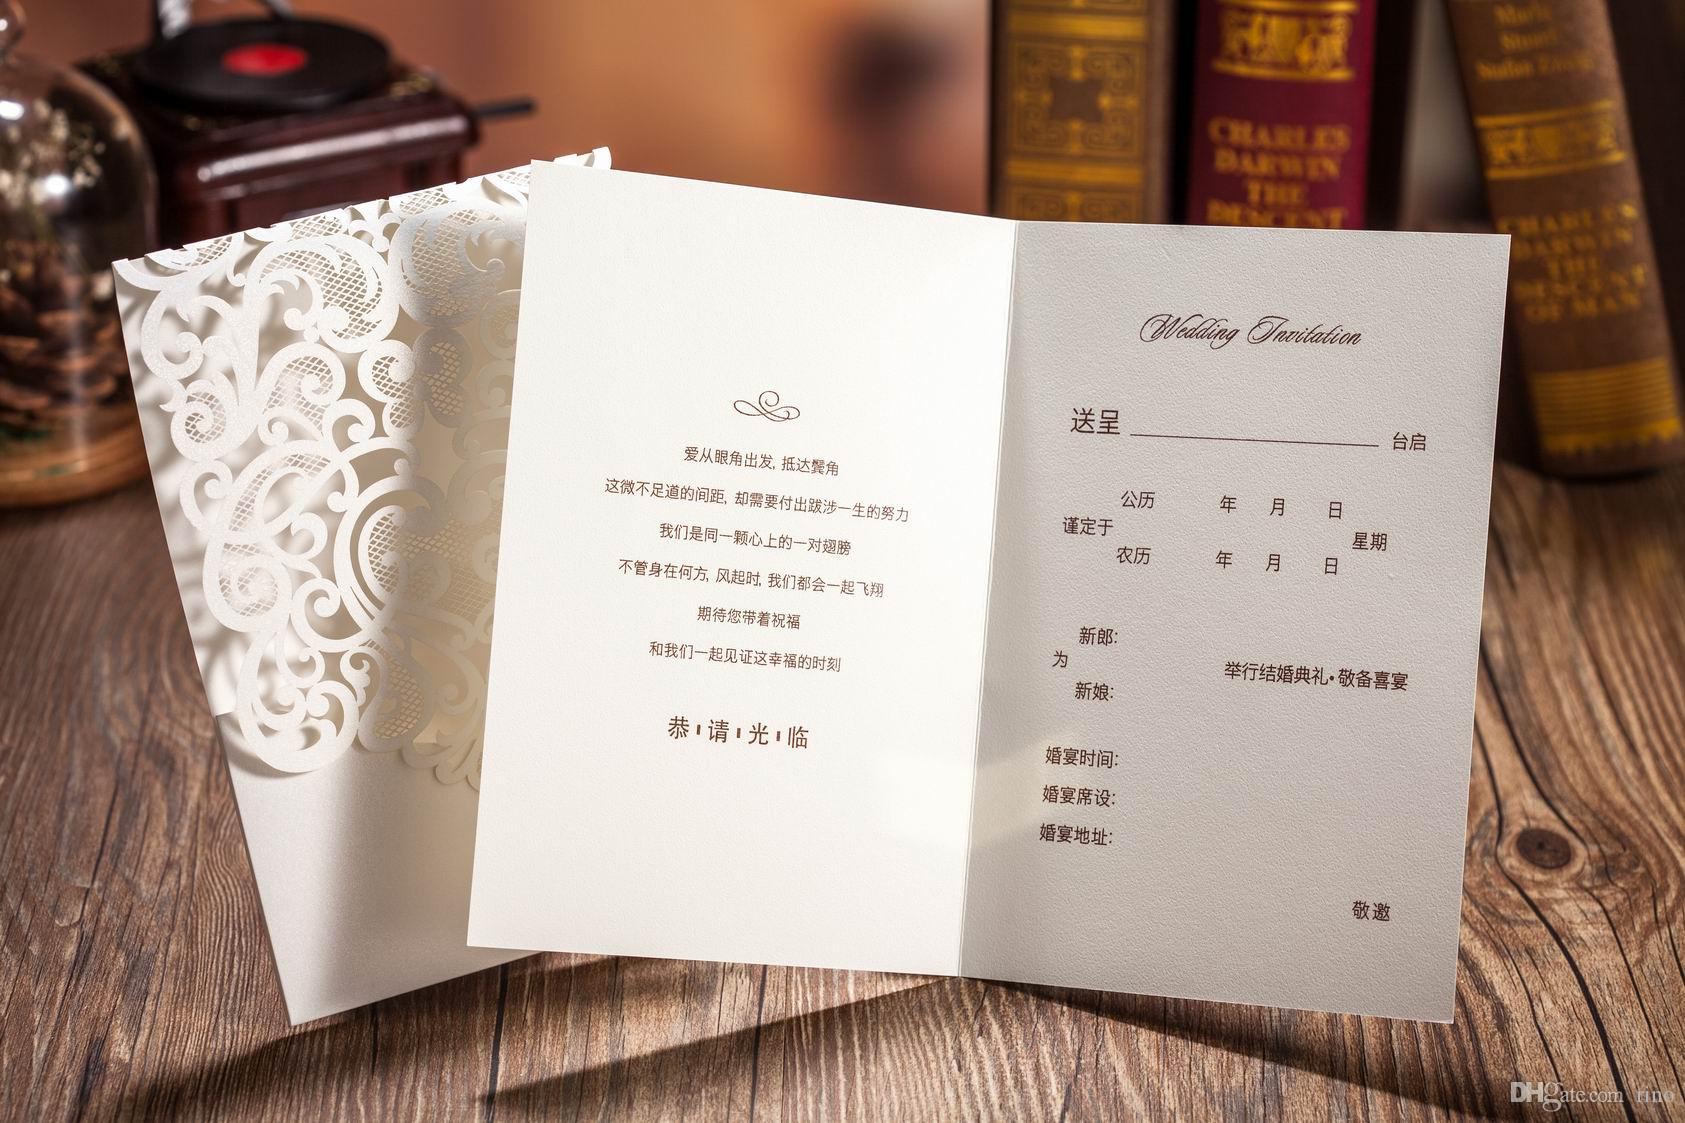 레이저 커팅 청첩장 카드 맞춤형 중공업 청첩장 카드 웨딩 용품 무료 맞춤형 인쇄 핫